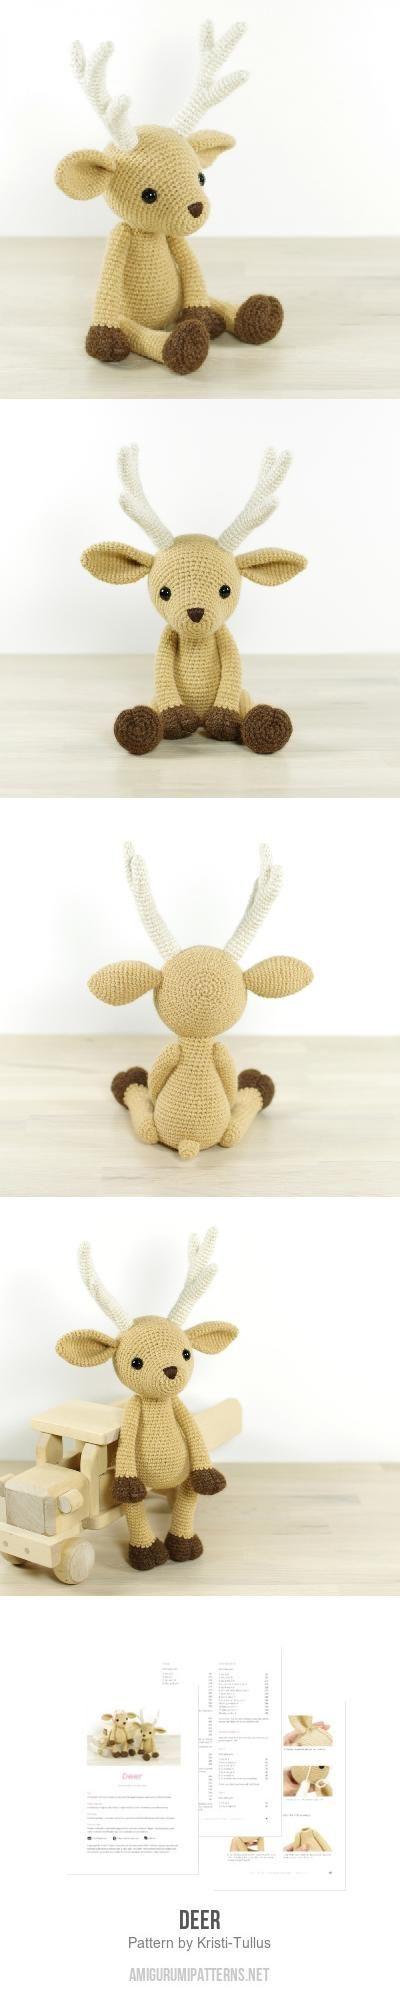 Deer Amigurumi Pattern